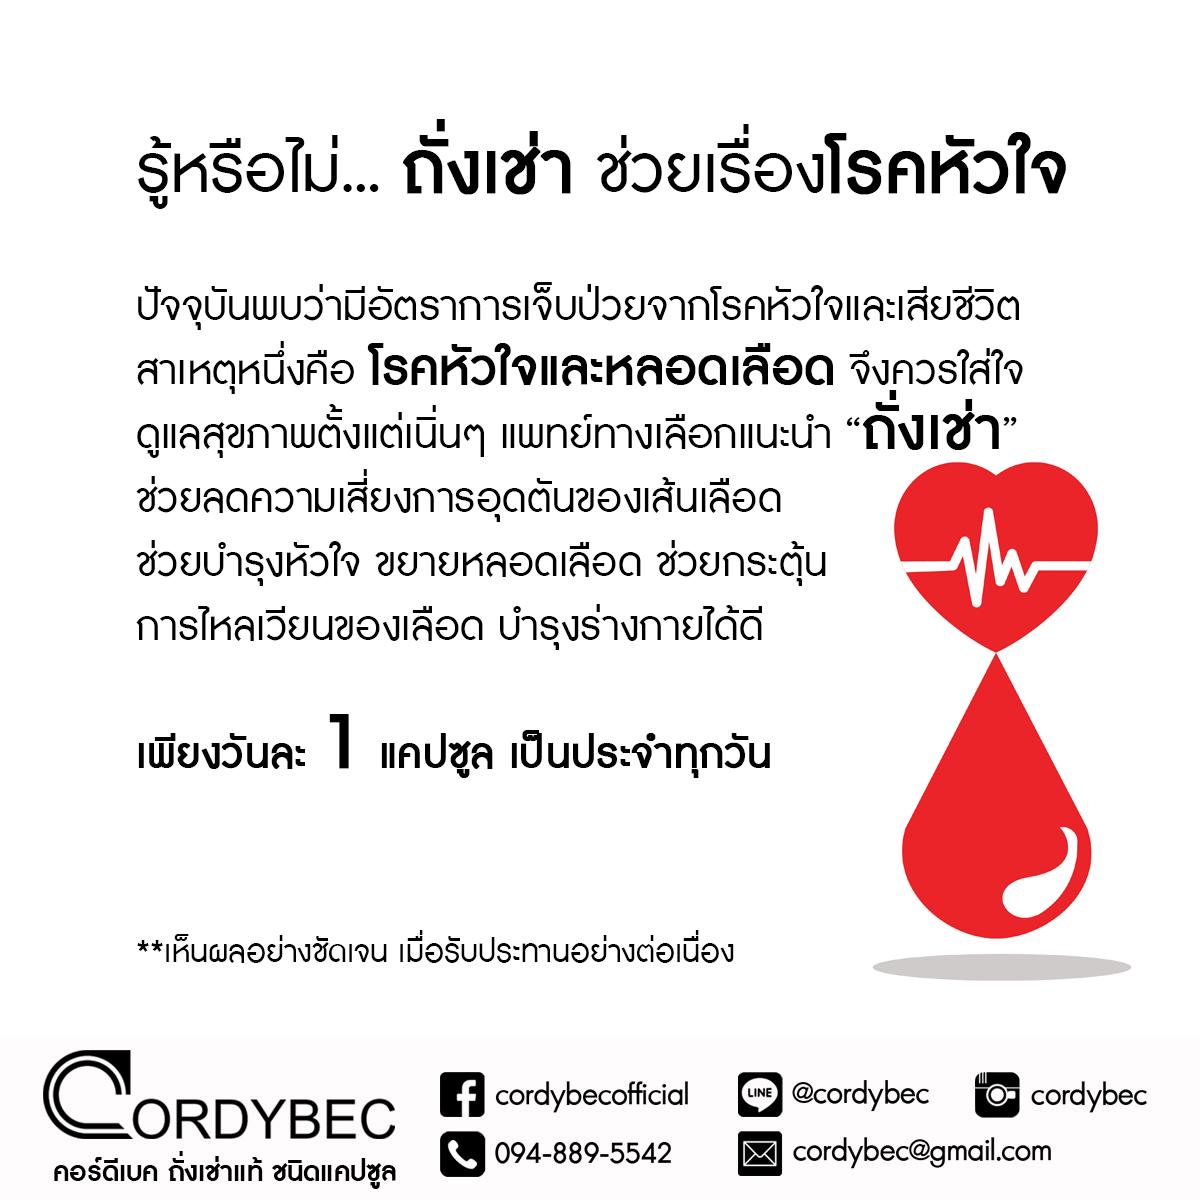 Cordybec Heart 002